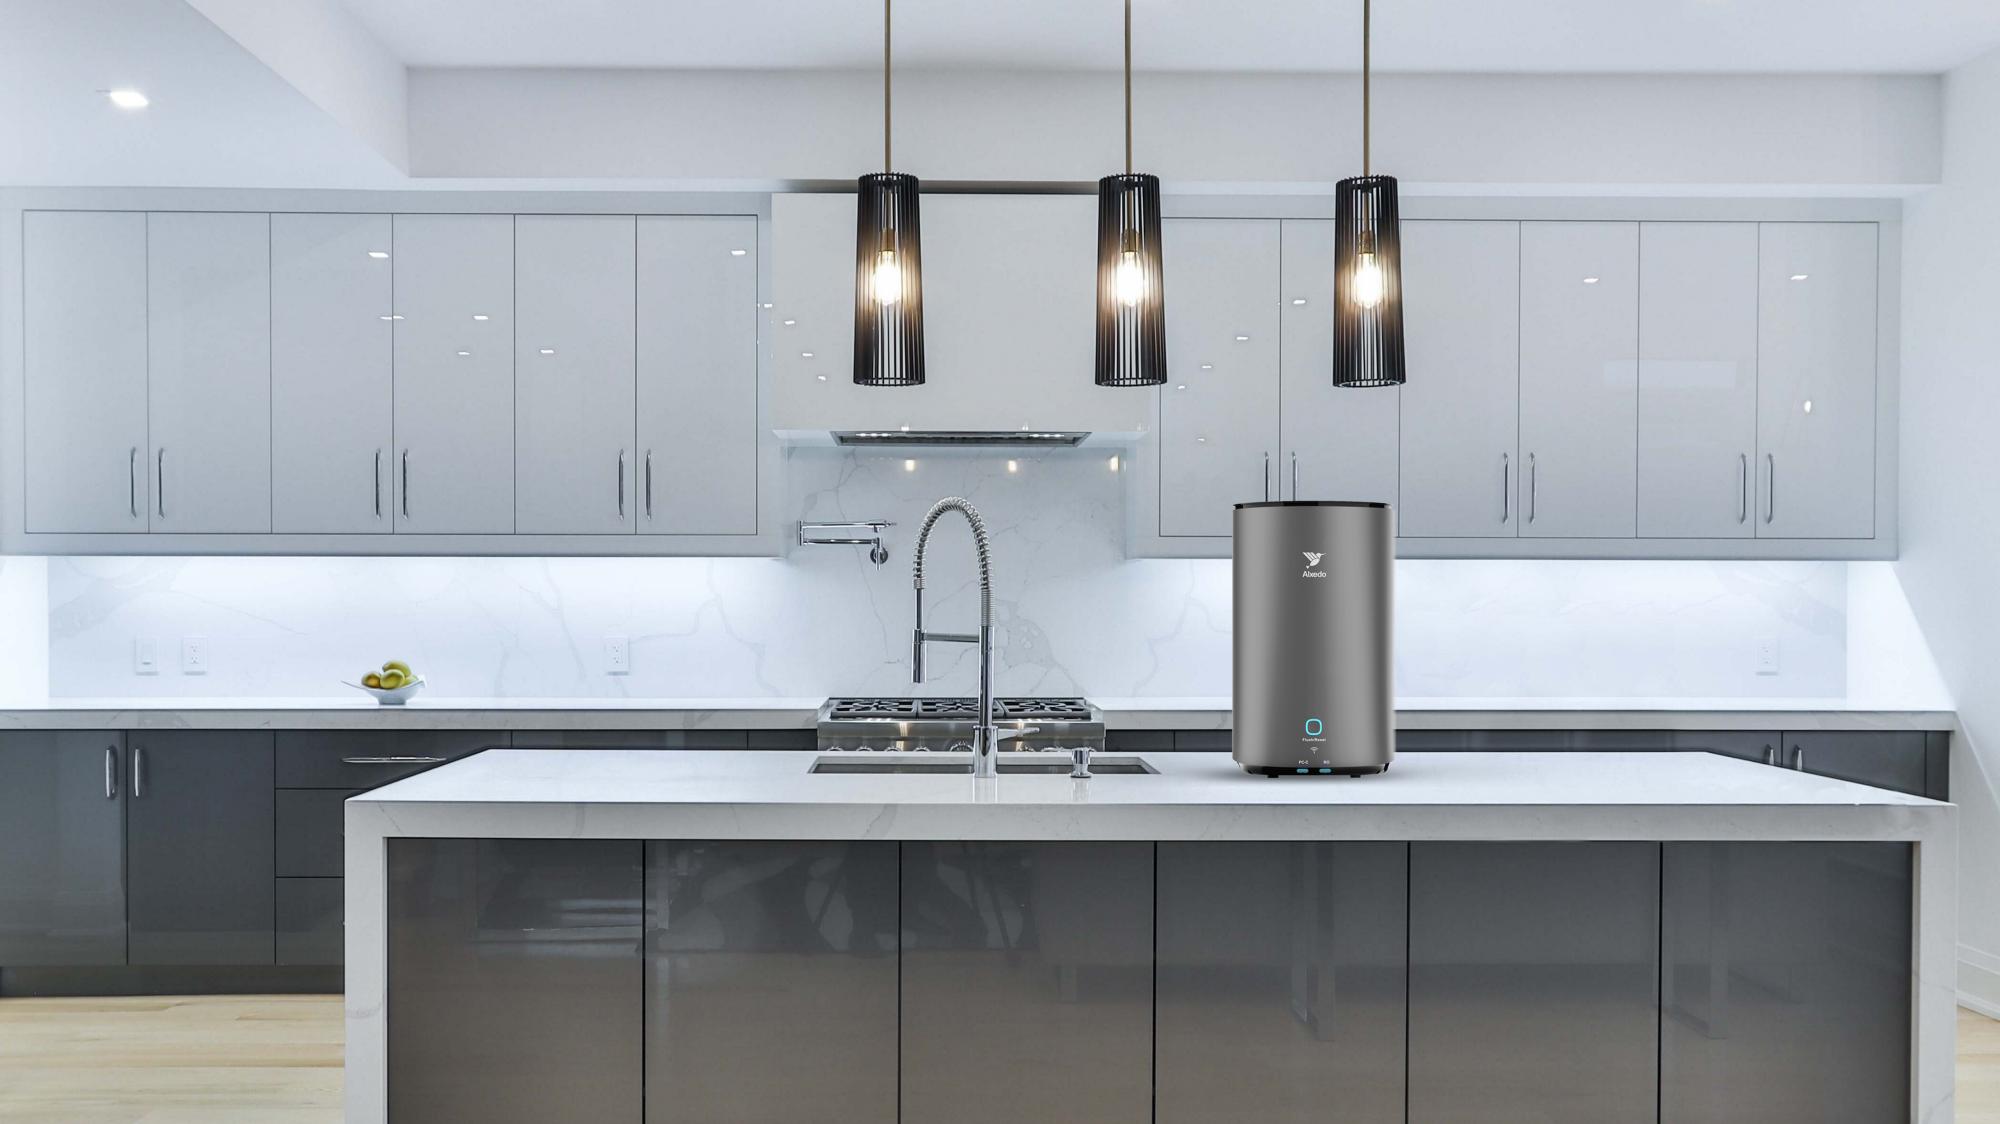 Alxedo Smart Water Purifier in Kitchen